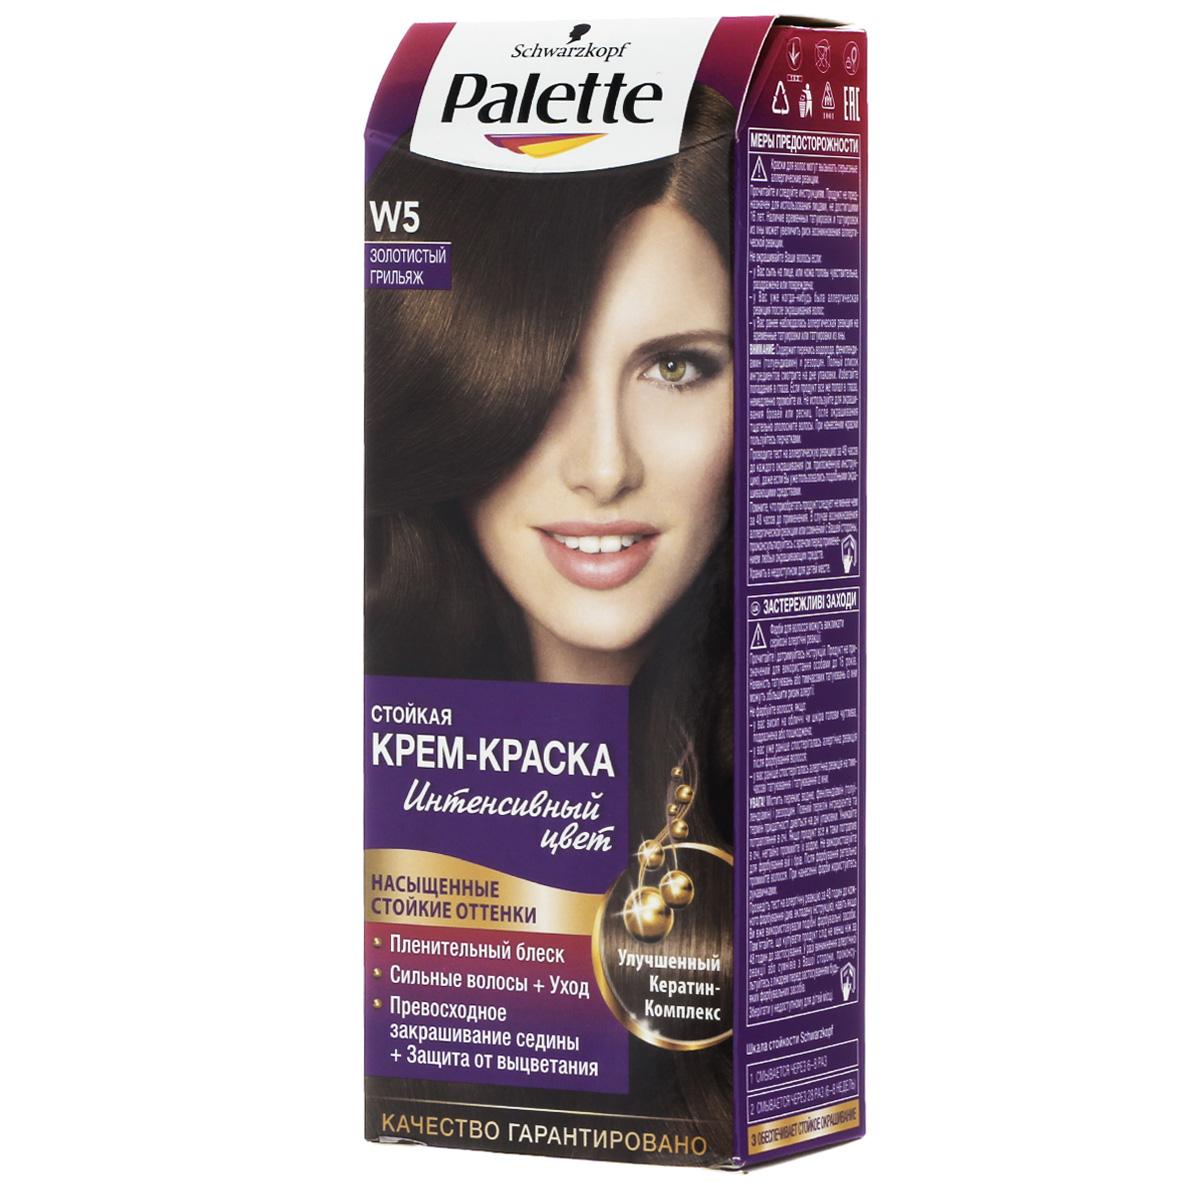 Palette ICC Крем-краска оттенок W5 Золотистый грильяж, 100 мл9352220Откройте для себя стойкую крем-краску Palette Intensive Color с формулой, обогащенной кератином для стойкого интенсивного цвета и сияющего блеска.Формула окрашивающего крема с Кератин-Комплексом оказывает ухаживающее воздействие в процессе окрашивания, а интенсивные цветовые пигменты глубоко проникают в структуру волос для невероятного сияющего цвета. Процесс окрашивания оставит ощущение мягкости и гладкости волос, а новая формула надежно защитит Ваш любимый оттенок от выцветания.